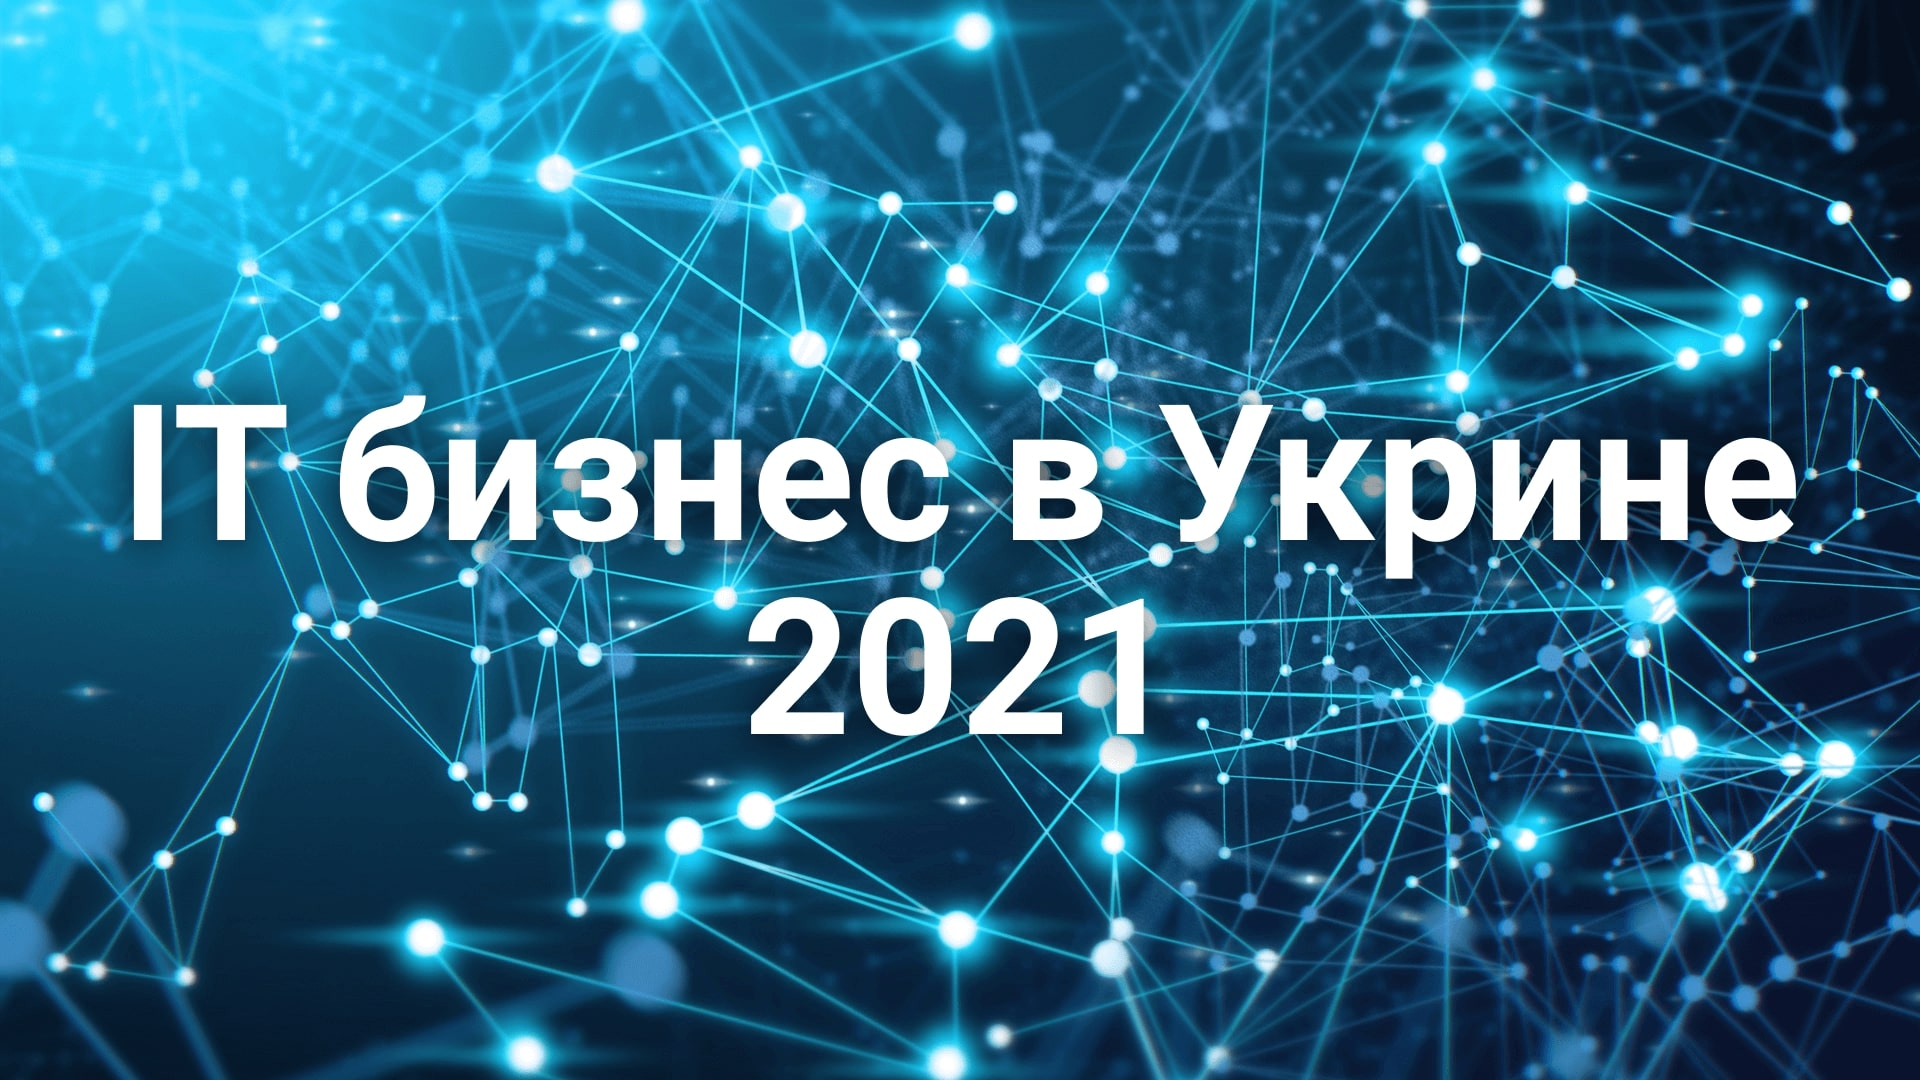 Український онлайн бізнес